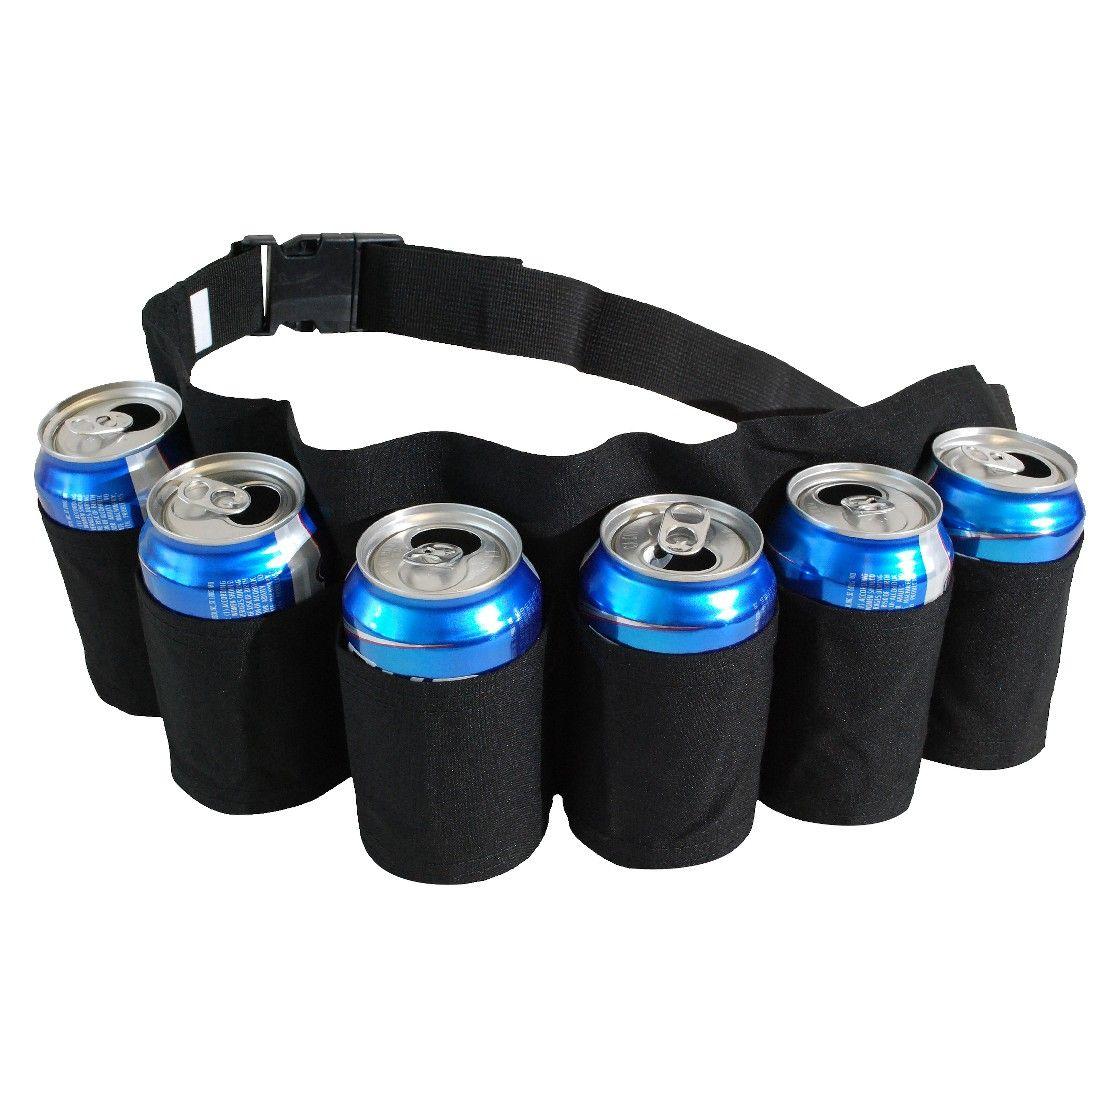 Redneck 6 Pack Beer and Soda Can Holster Belt - Black   menu ...